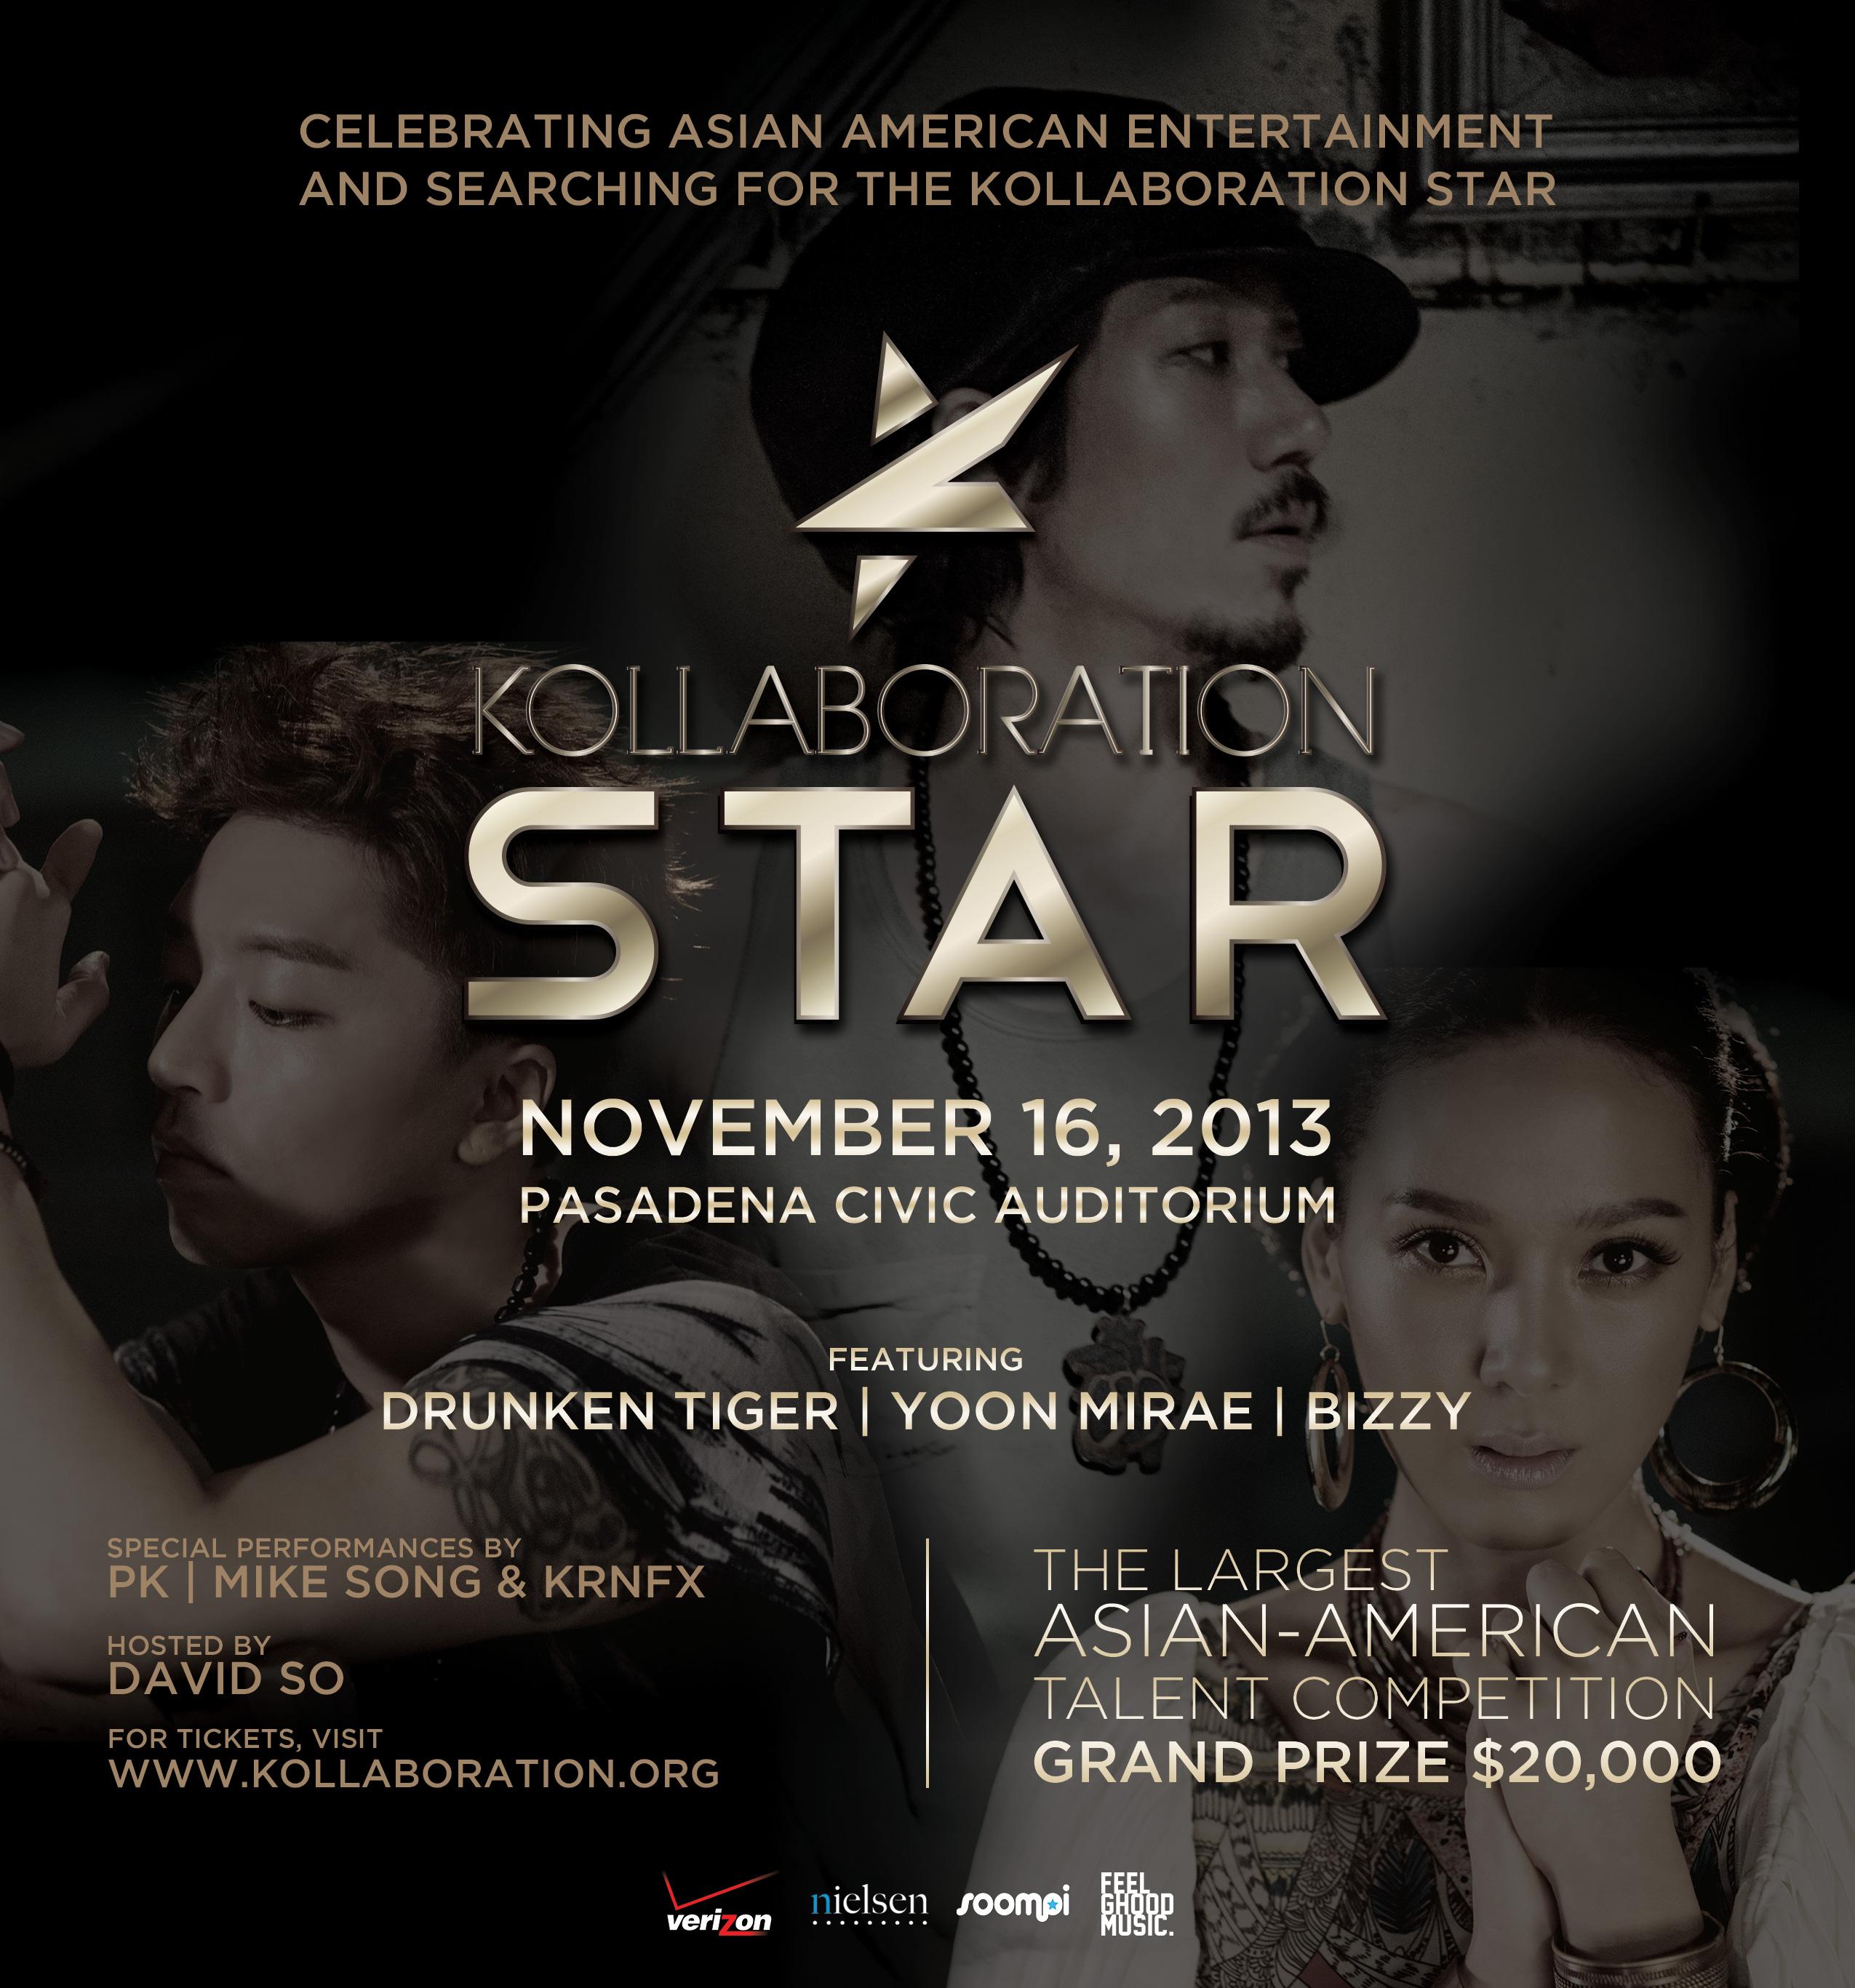 KollaborationStar2013-v1